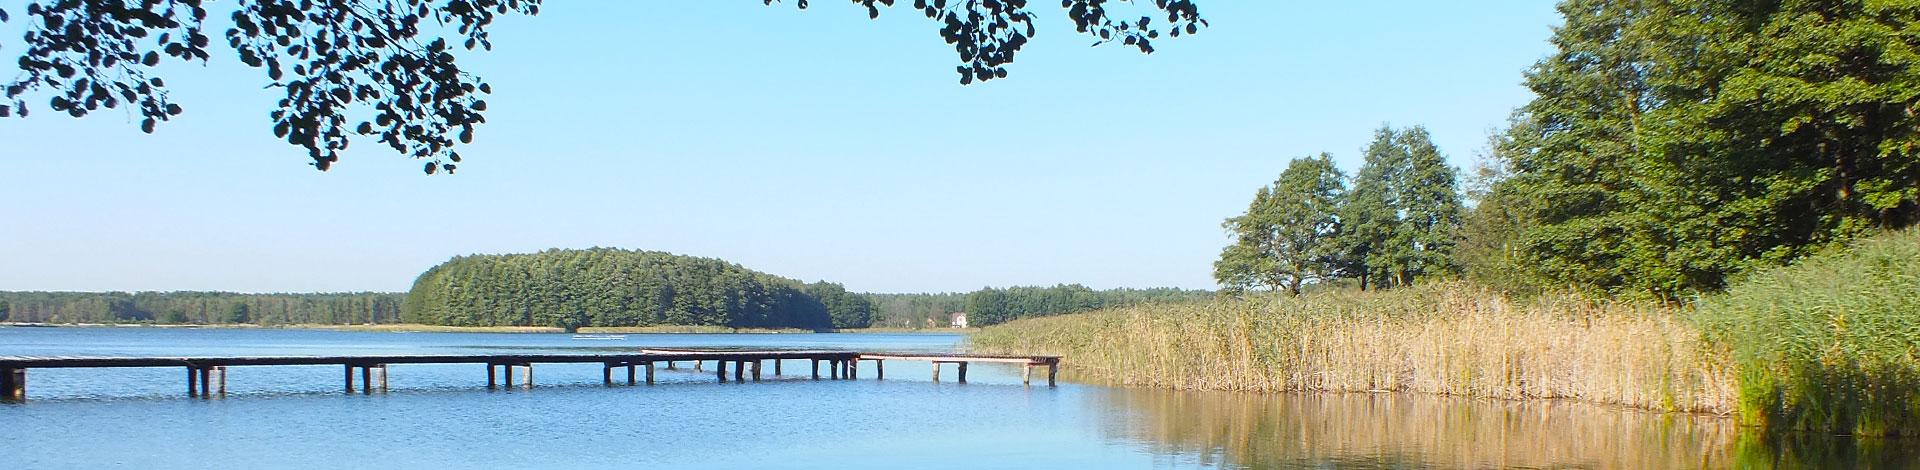 Zdjęcie przedstawia jezioro i pomost otoczone drzewami